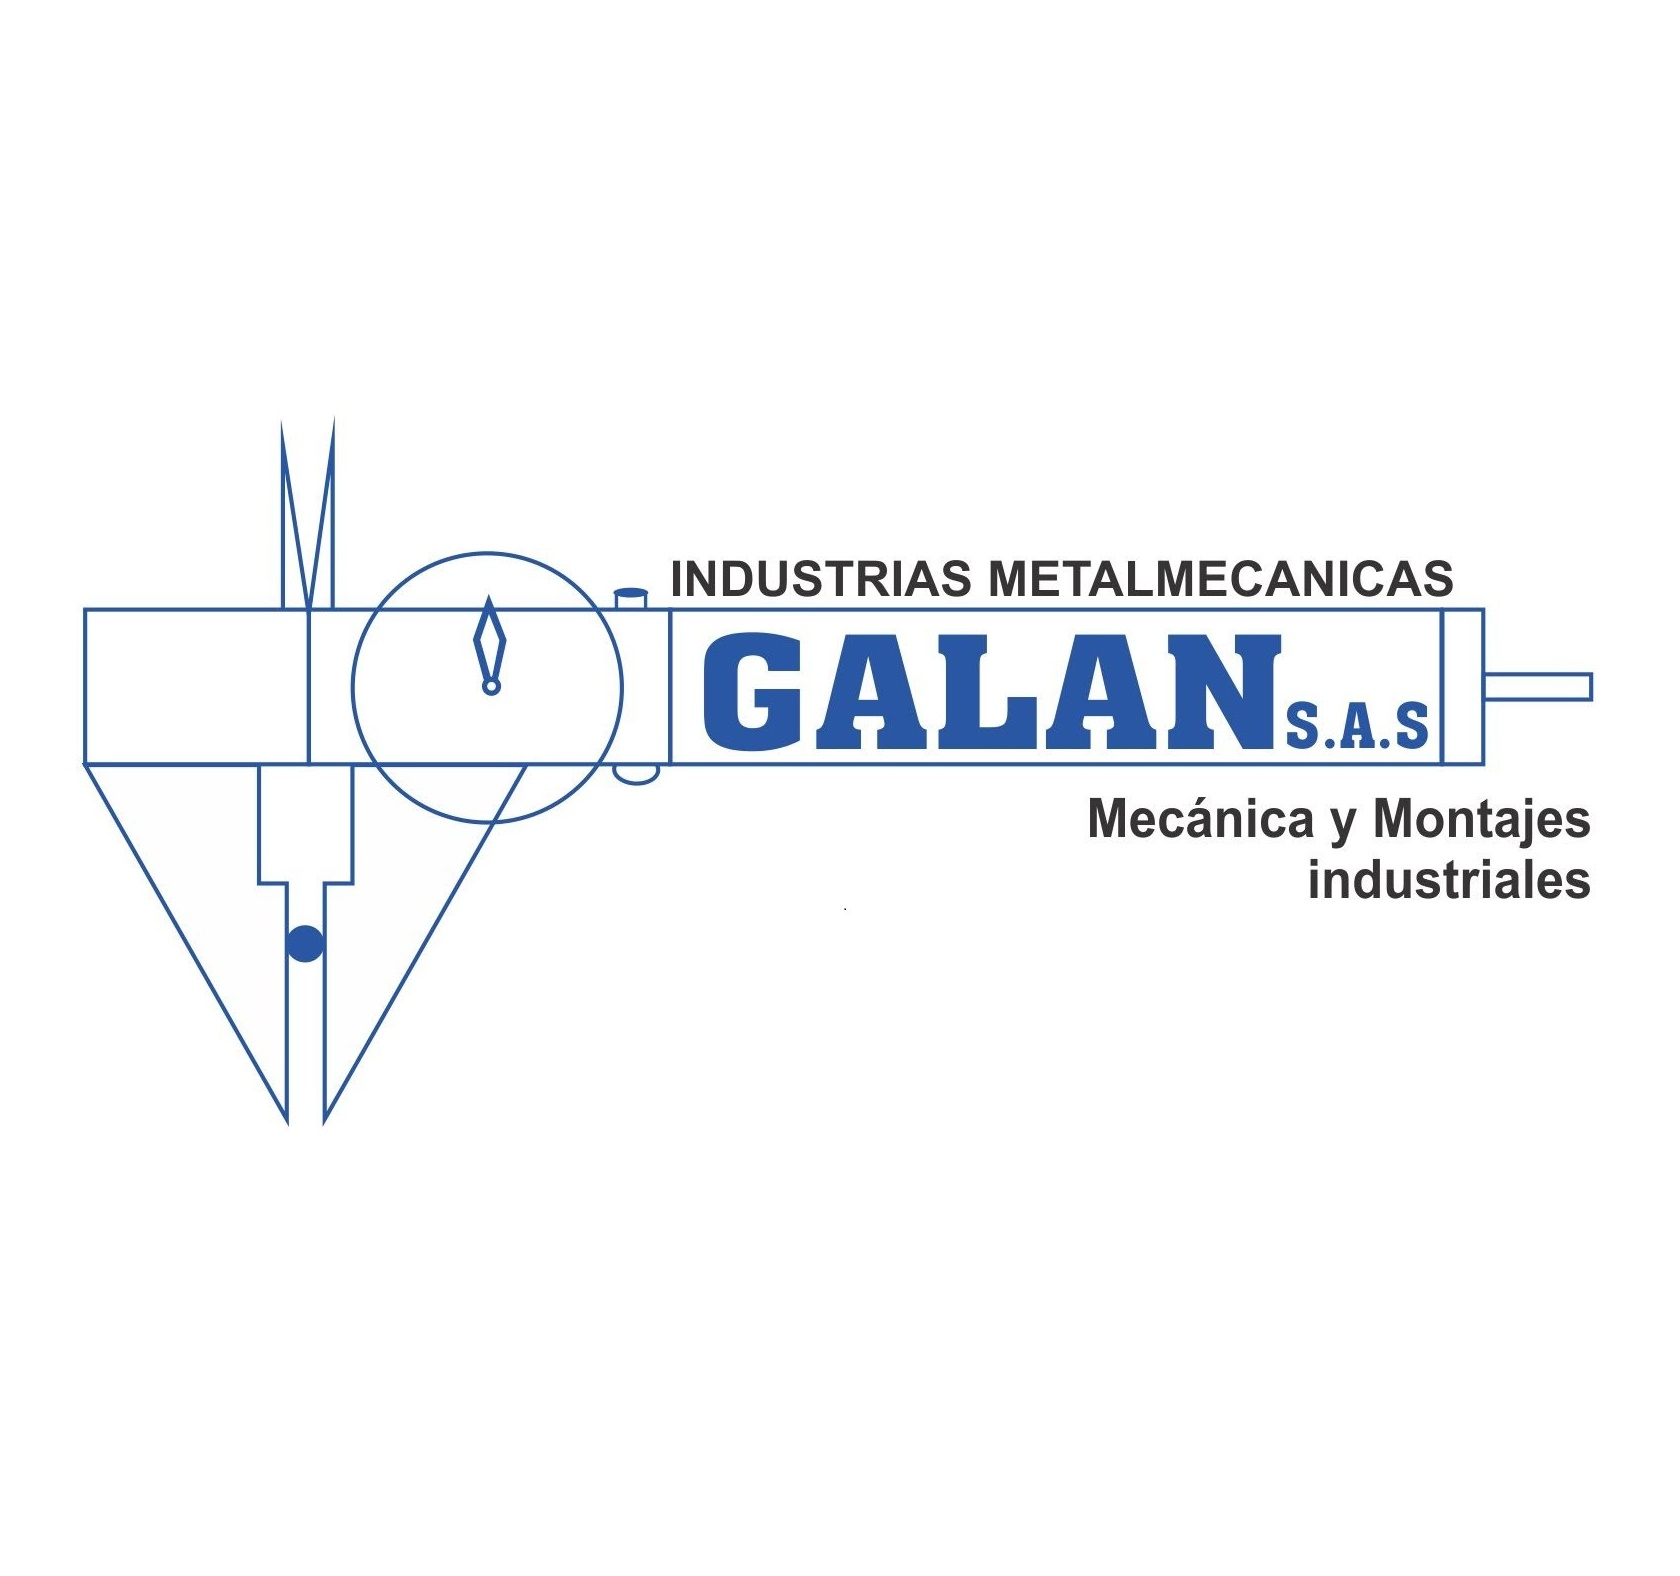 INDUSTRIAS METALMECÁNICAS GALÁN S.A.S